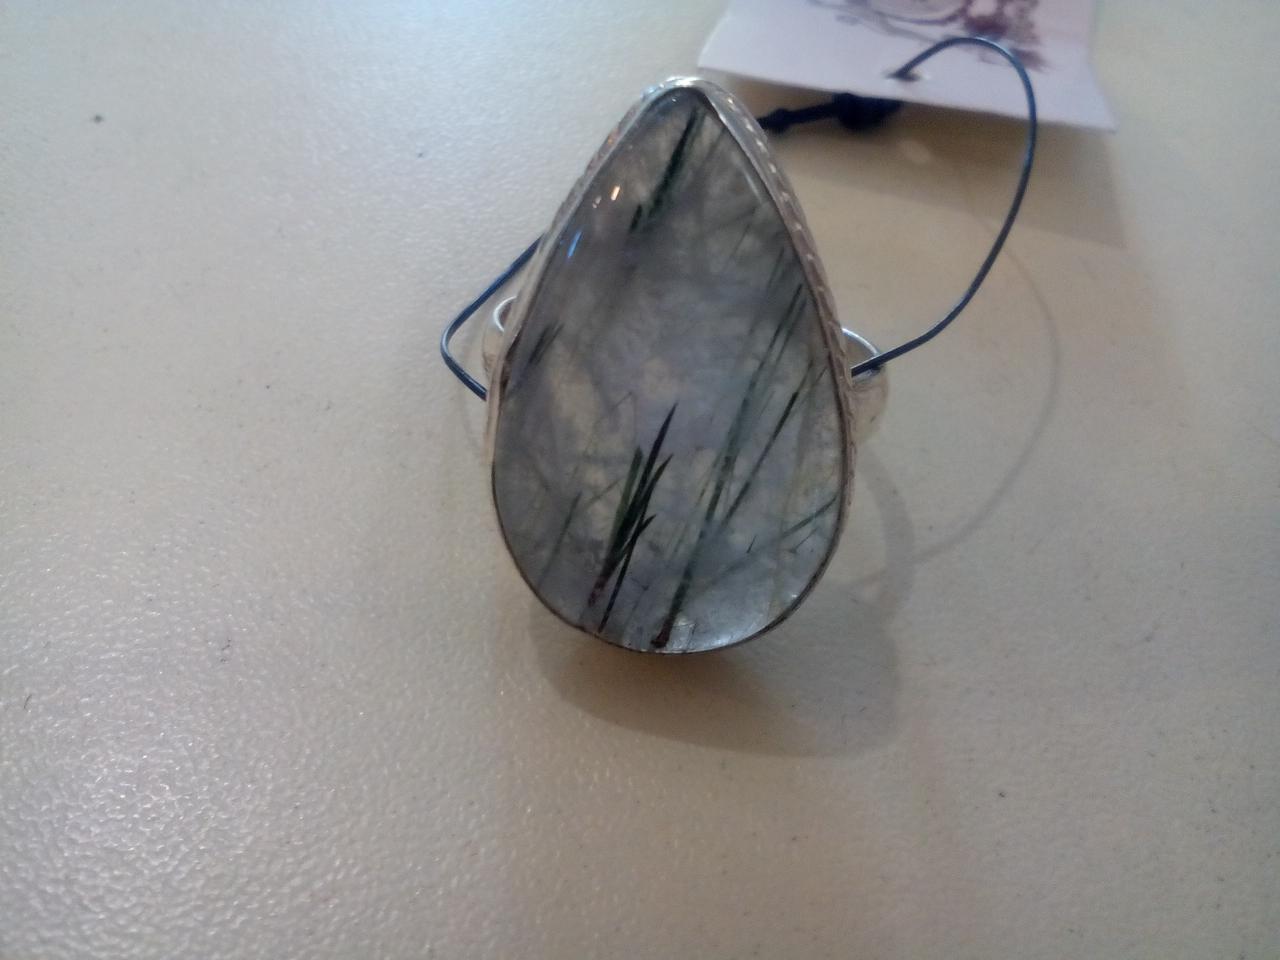 Кварц кольцо с камнем рутиловый кварц в серебре. Кольцо с кварцем. Размер 18-19..